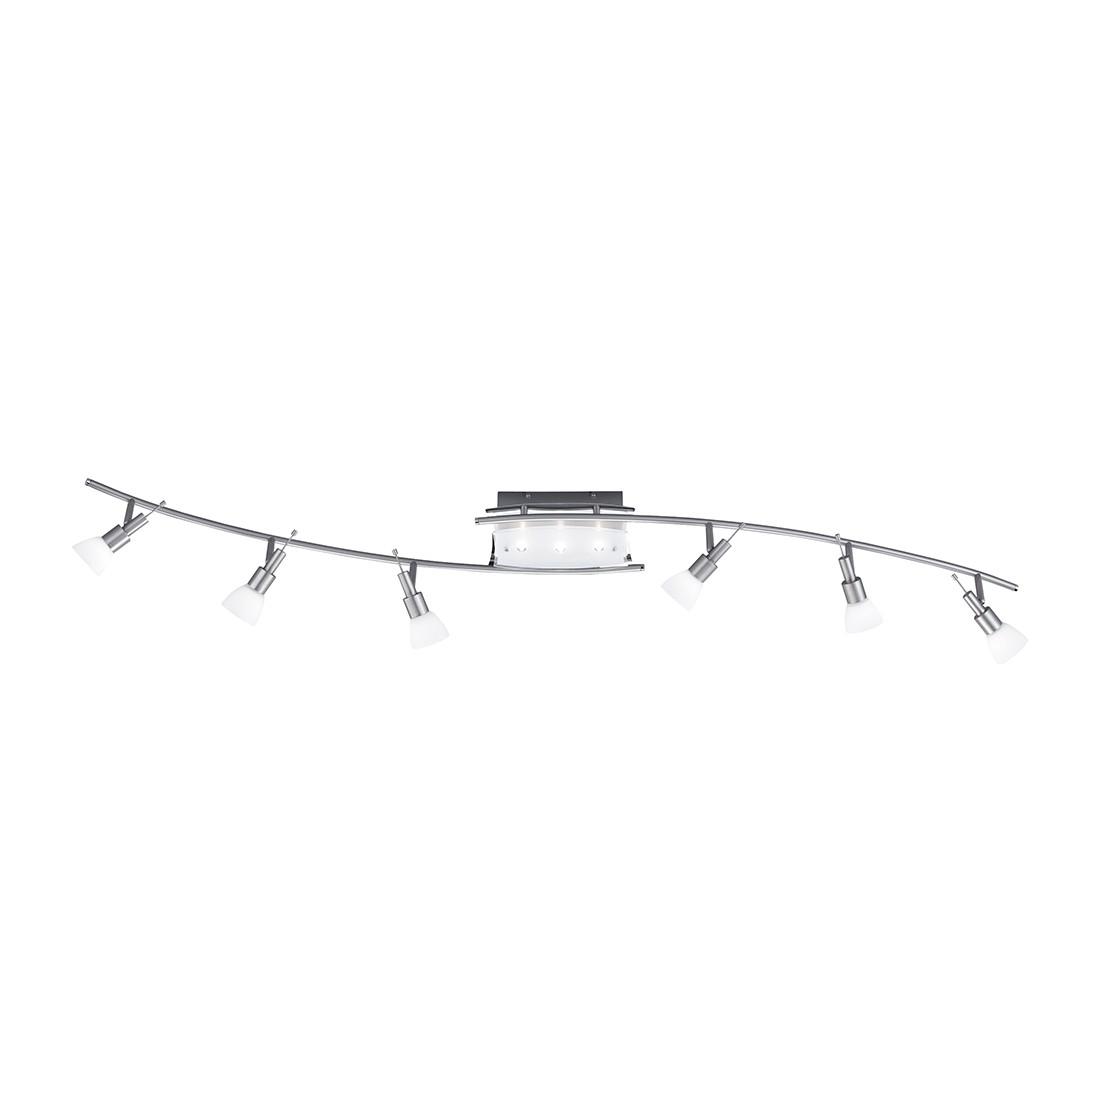 Deckenleuchte Bow ● 6-flammig ● dreh und schwenkbar ● Stahl/Opalglas- Paul Neuhaus B